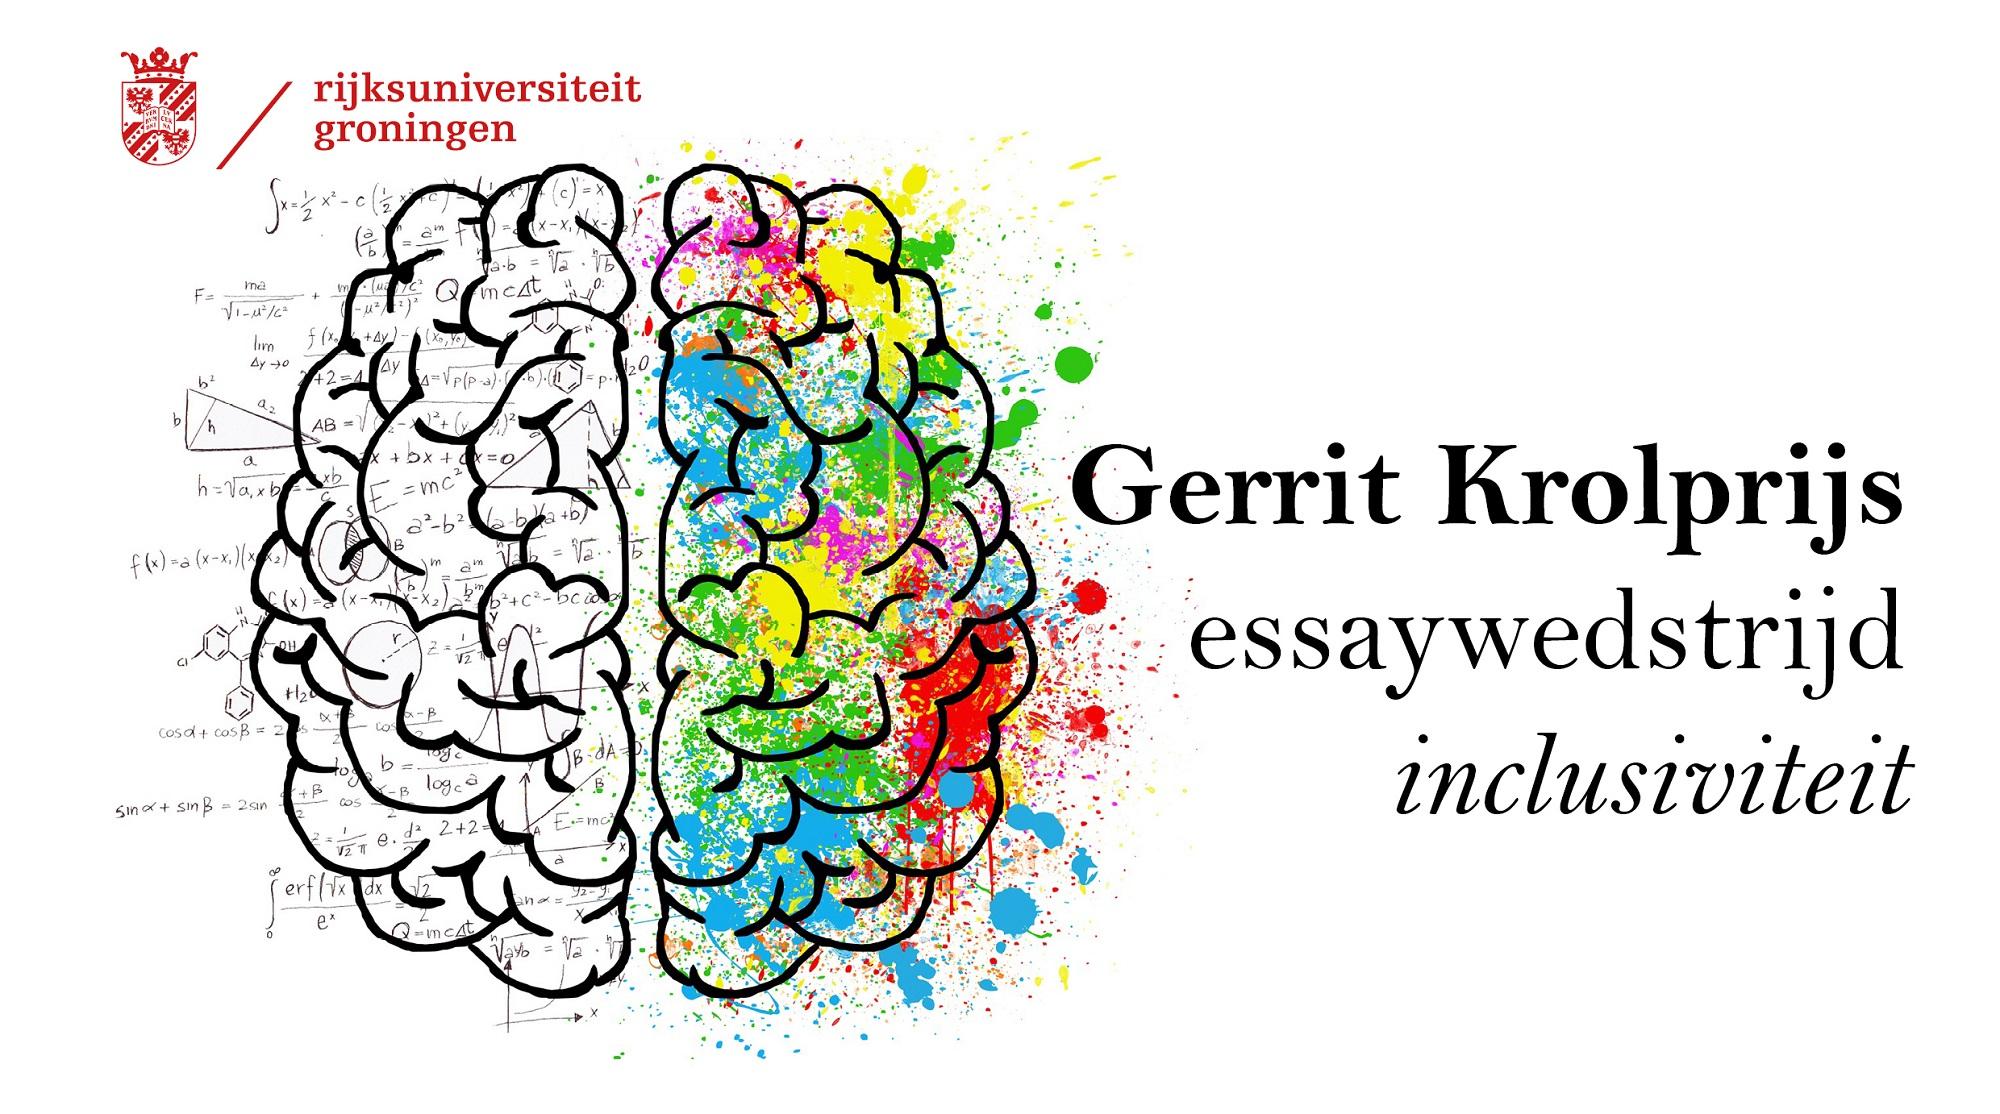 Gerrit Krolprijs essaywedstrijd inclusiviteit